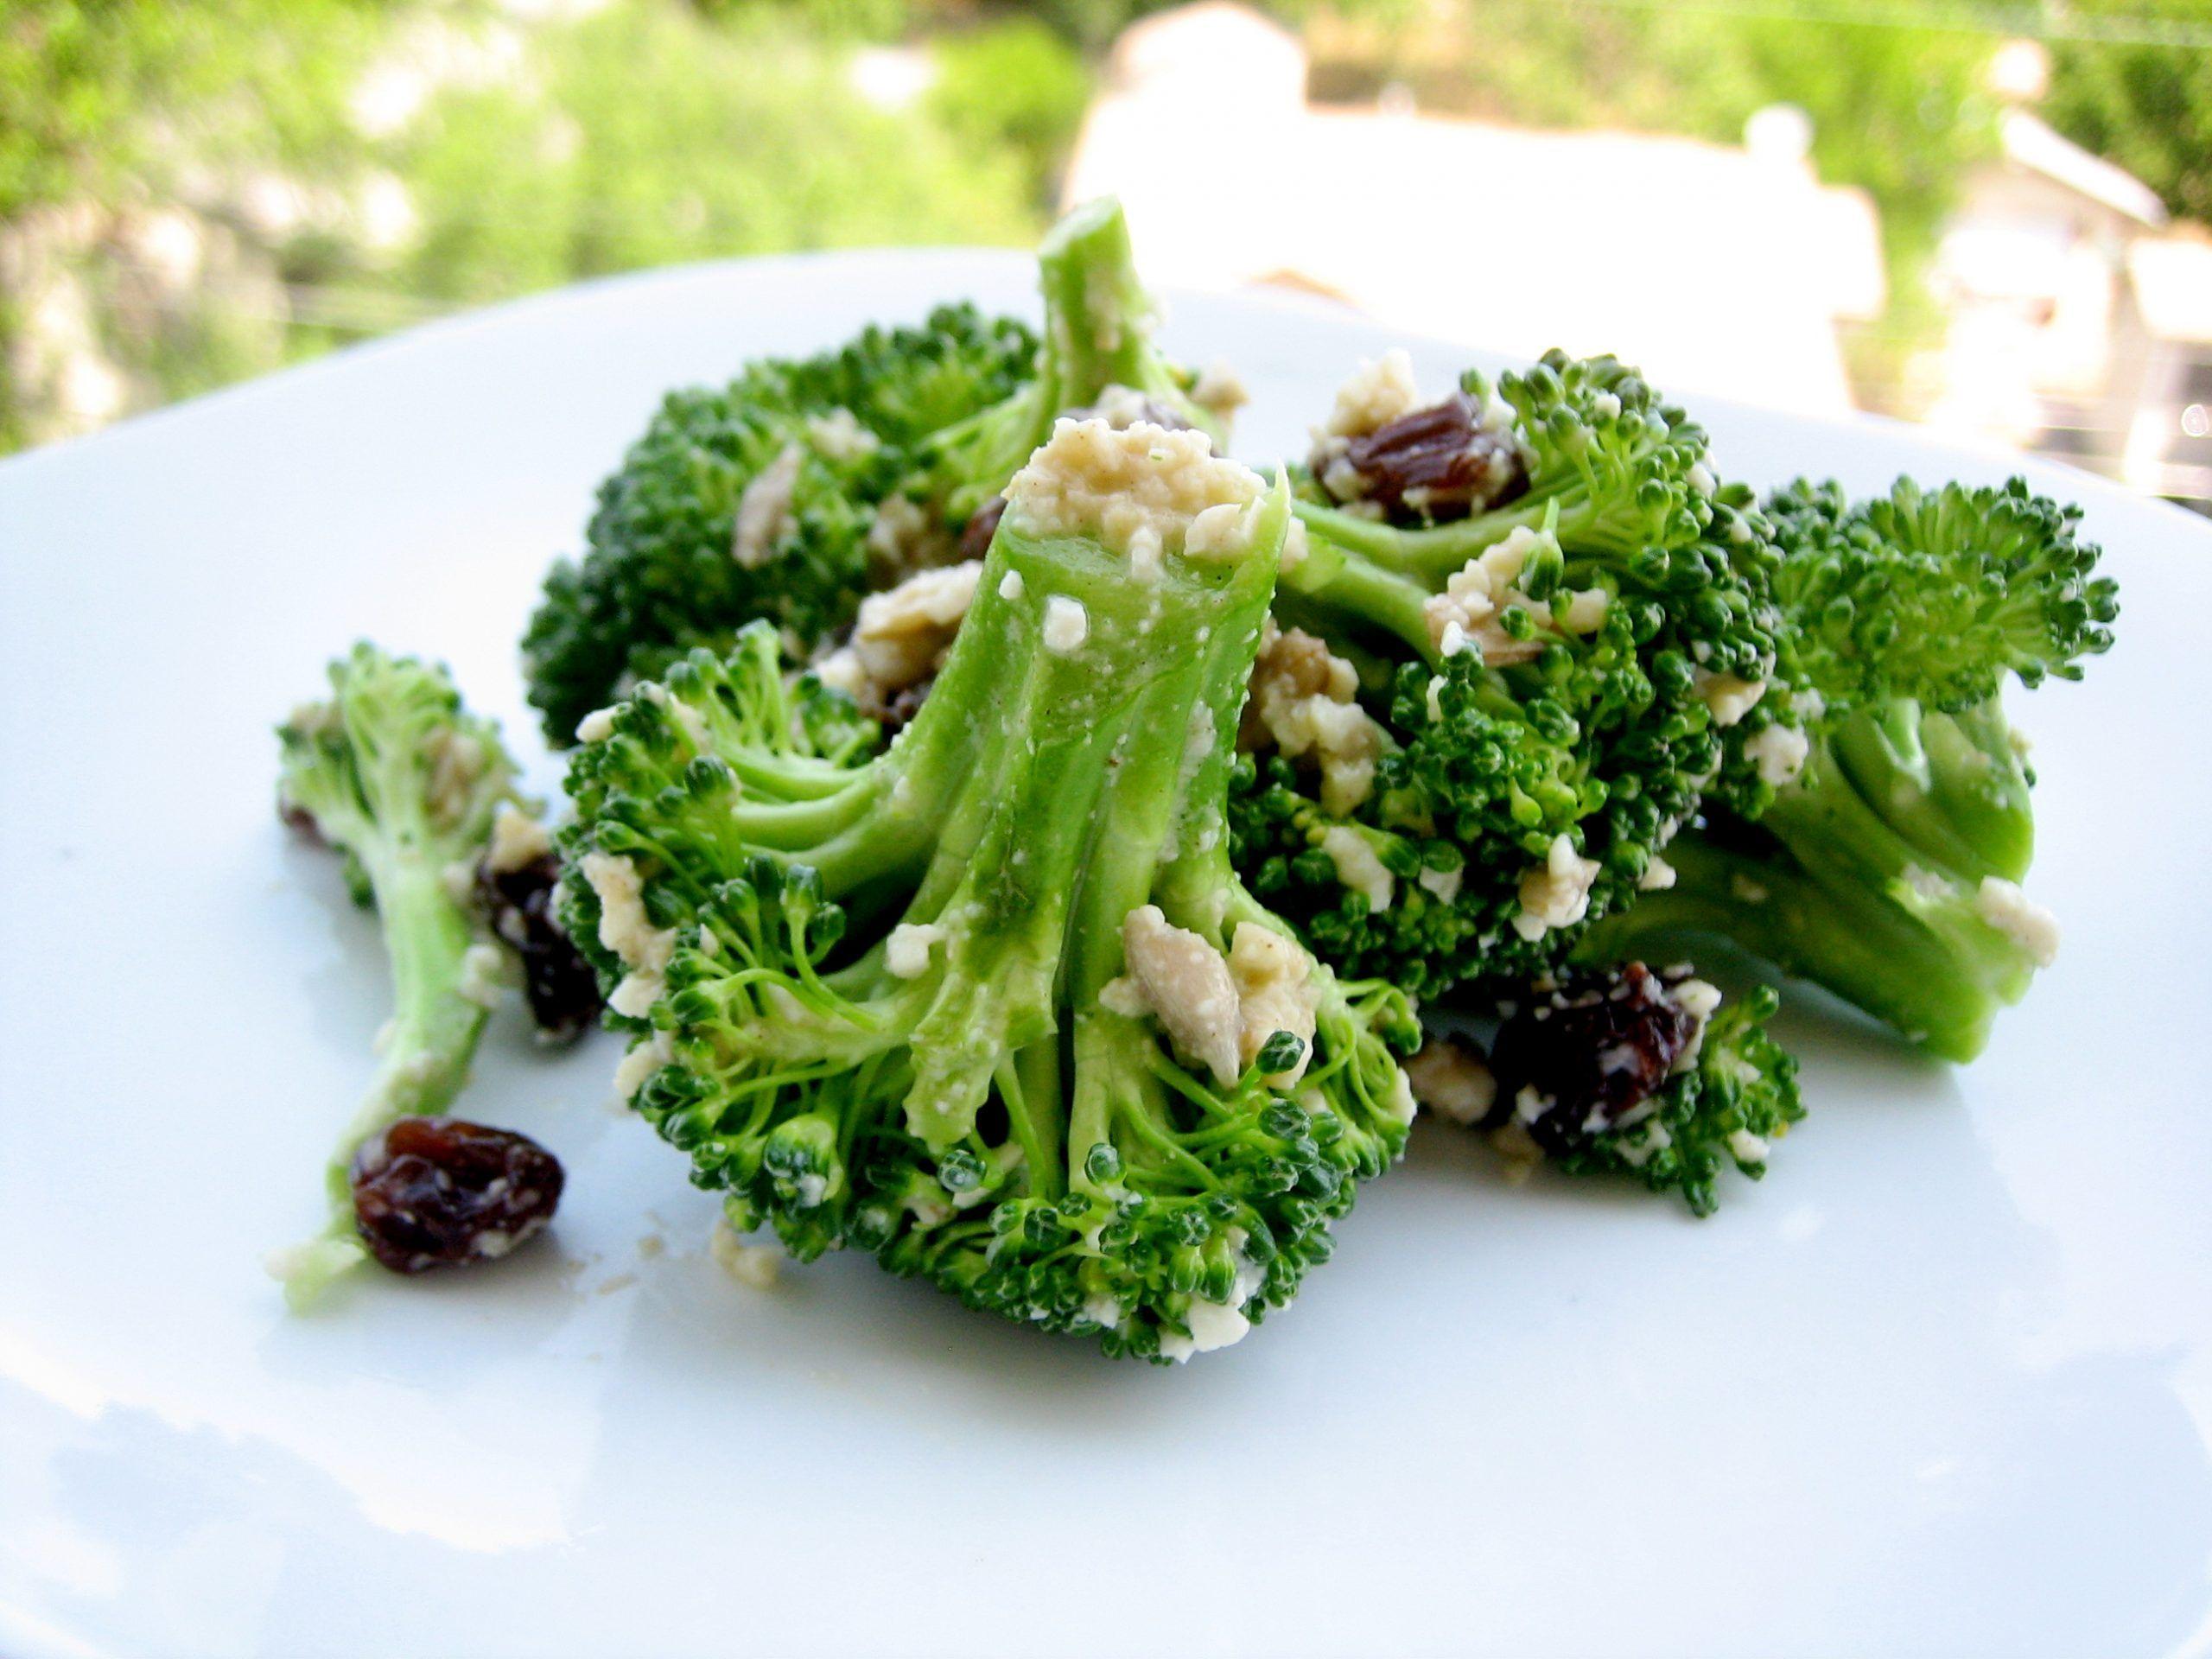 Broccoli: proprietà benefiche e nutrizionali